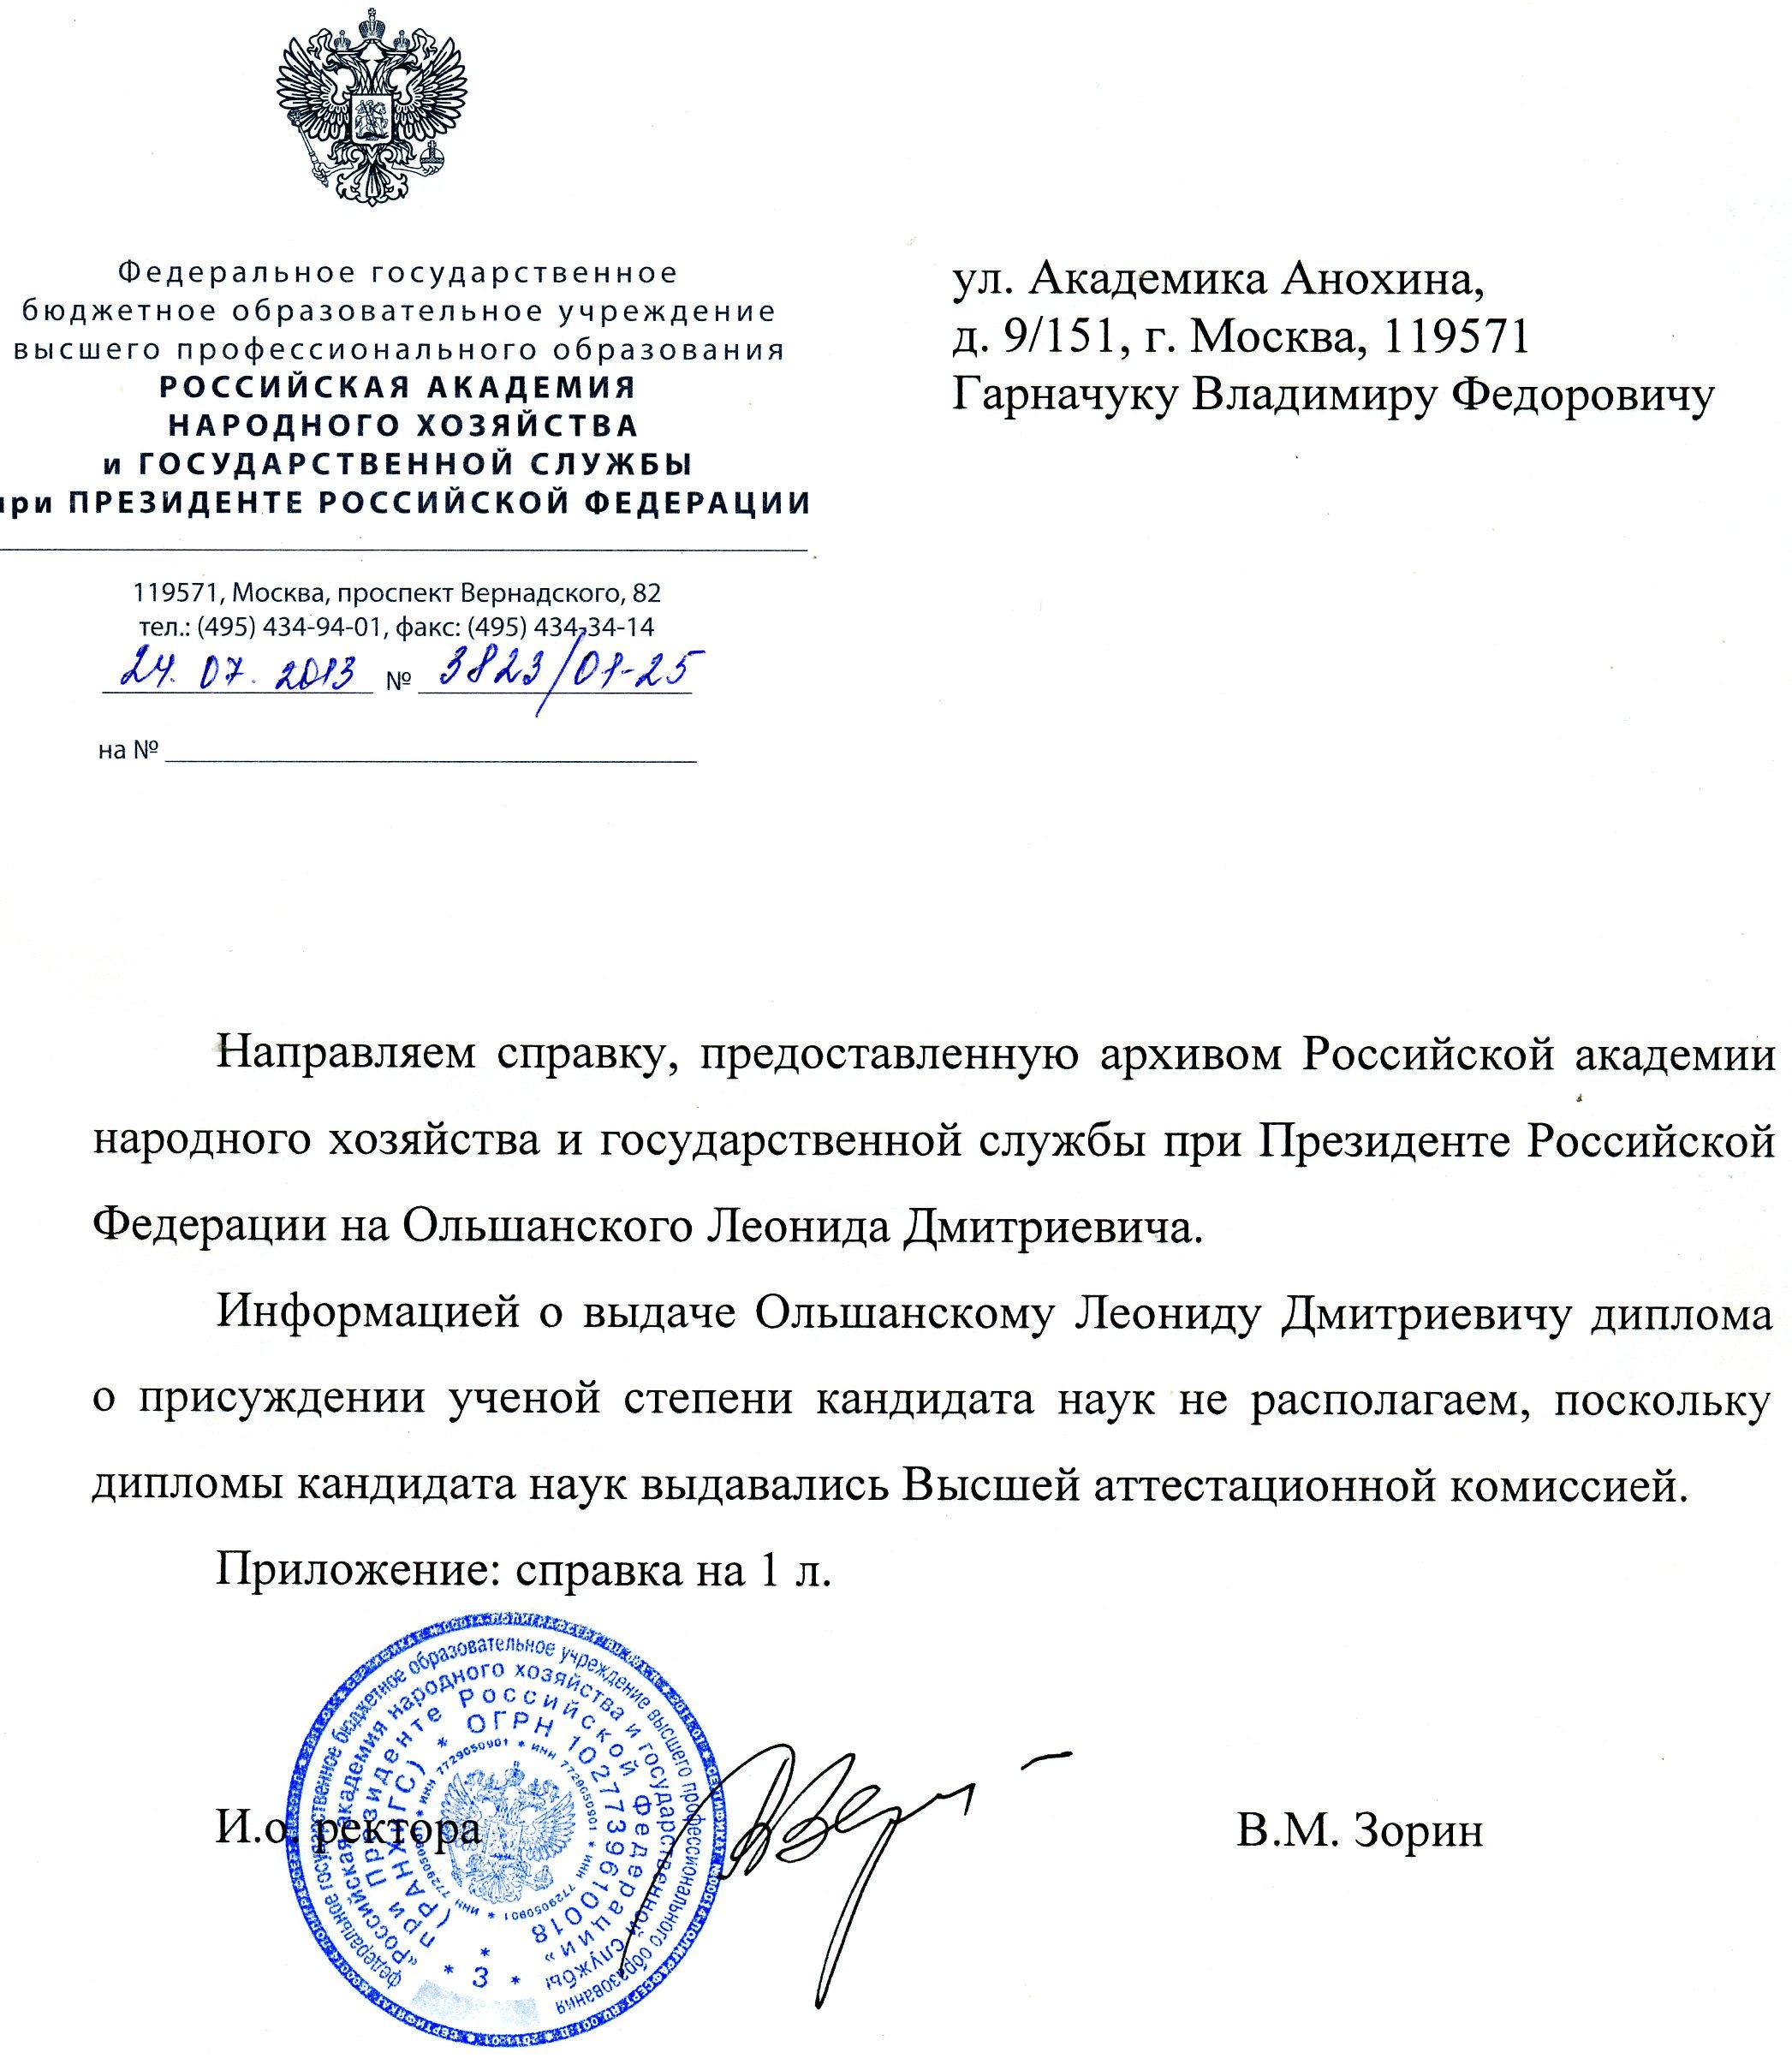 Ответ РАГС Ольшанский зорин